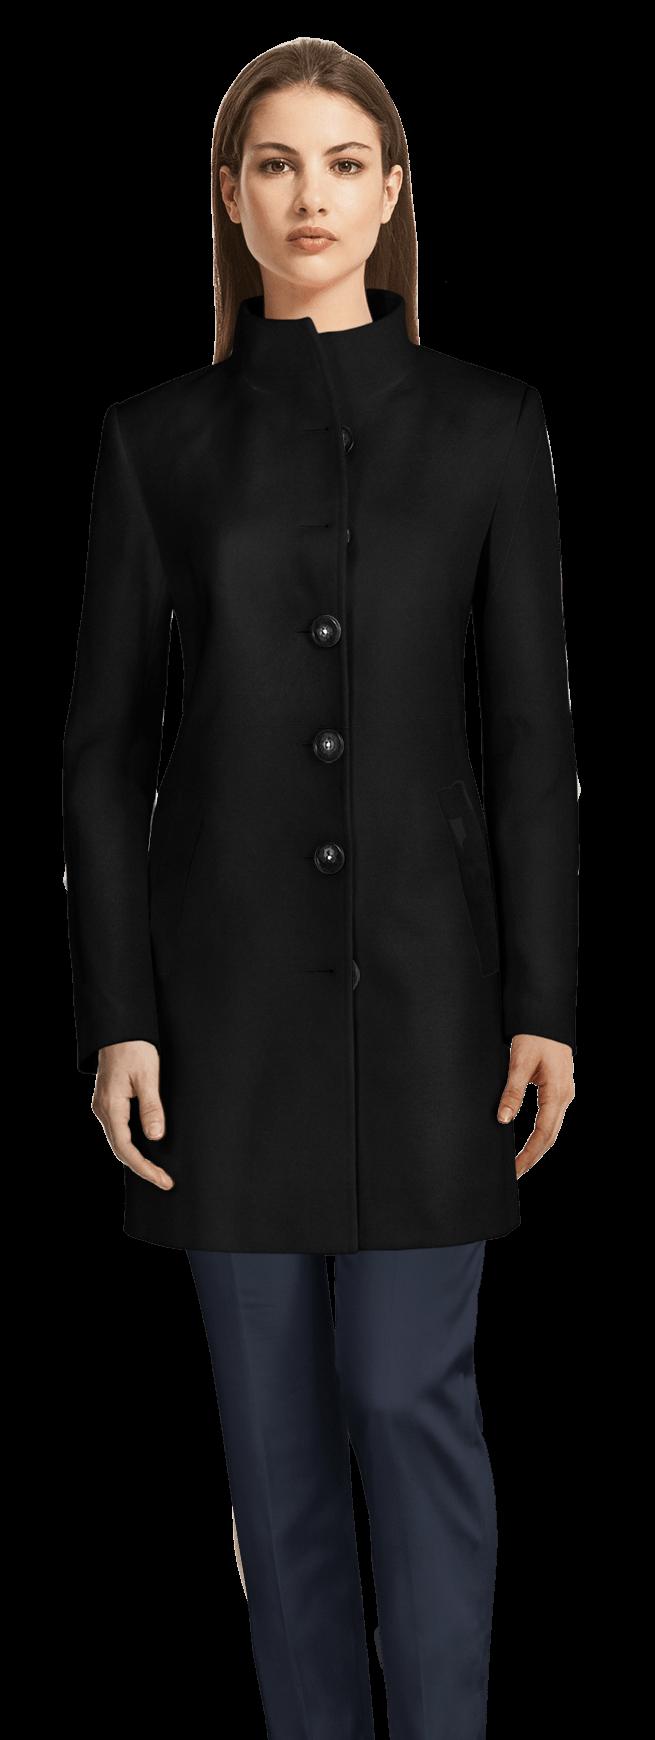 10bdac38b94cea Schwarzer Mantel mit Stehkragen 179€ - Tamar   Sumissura